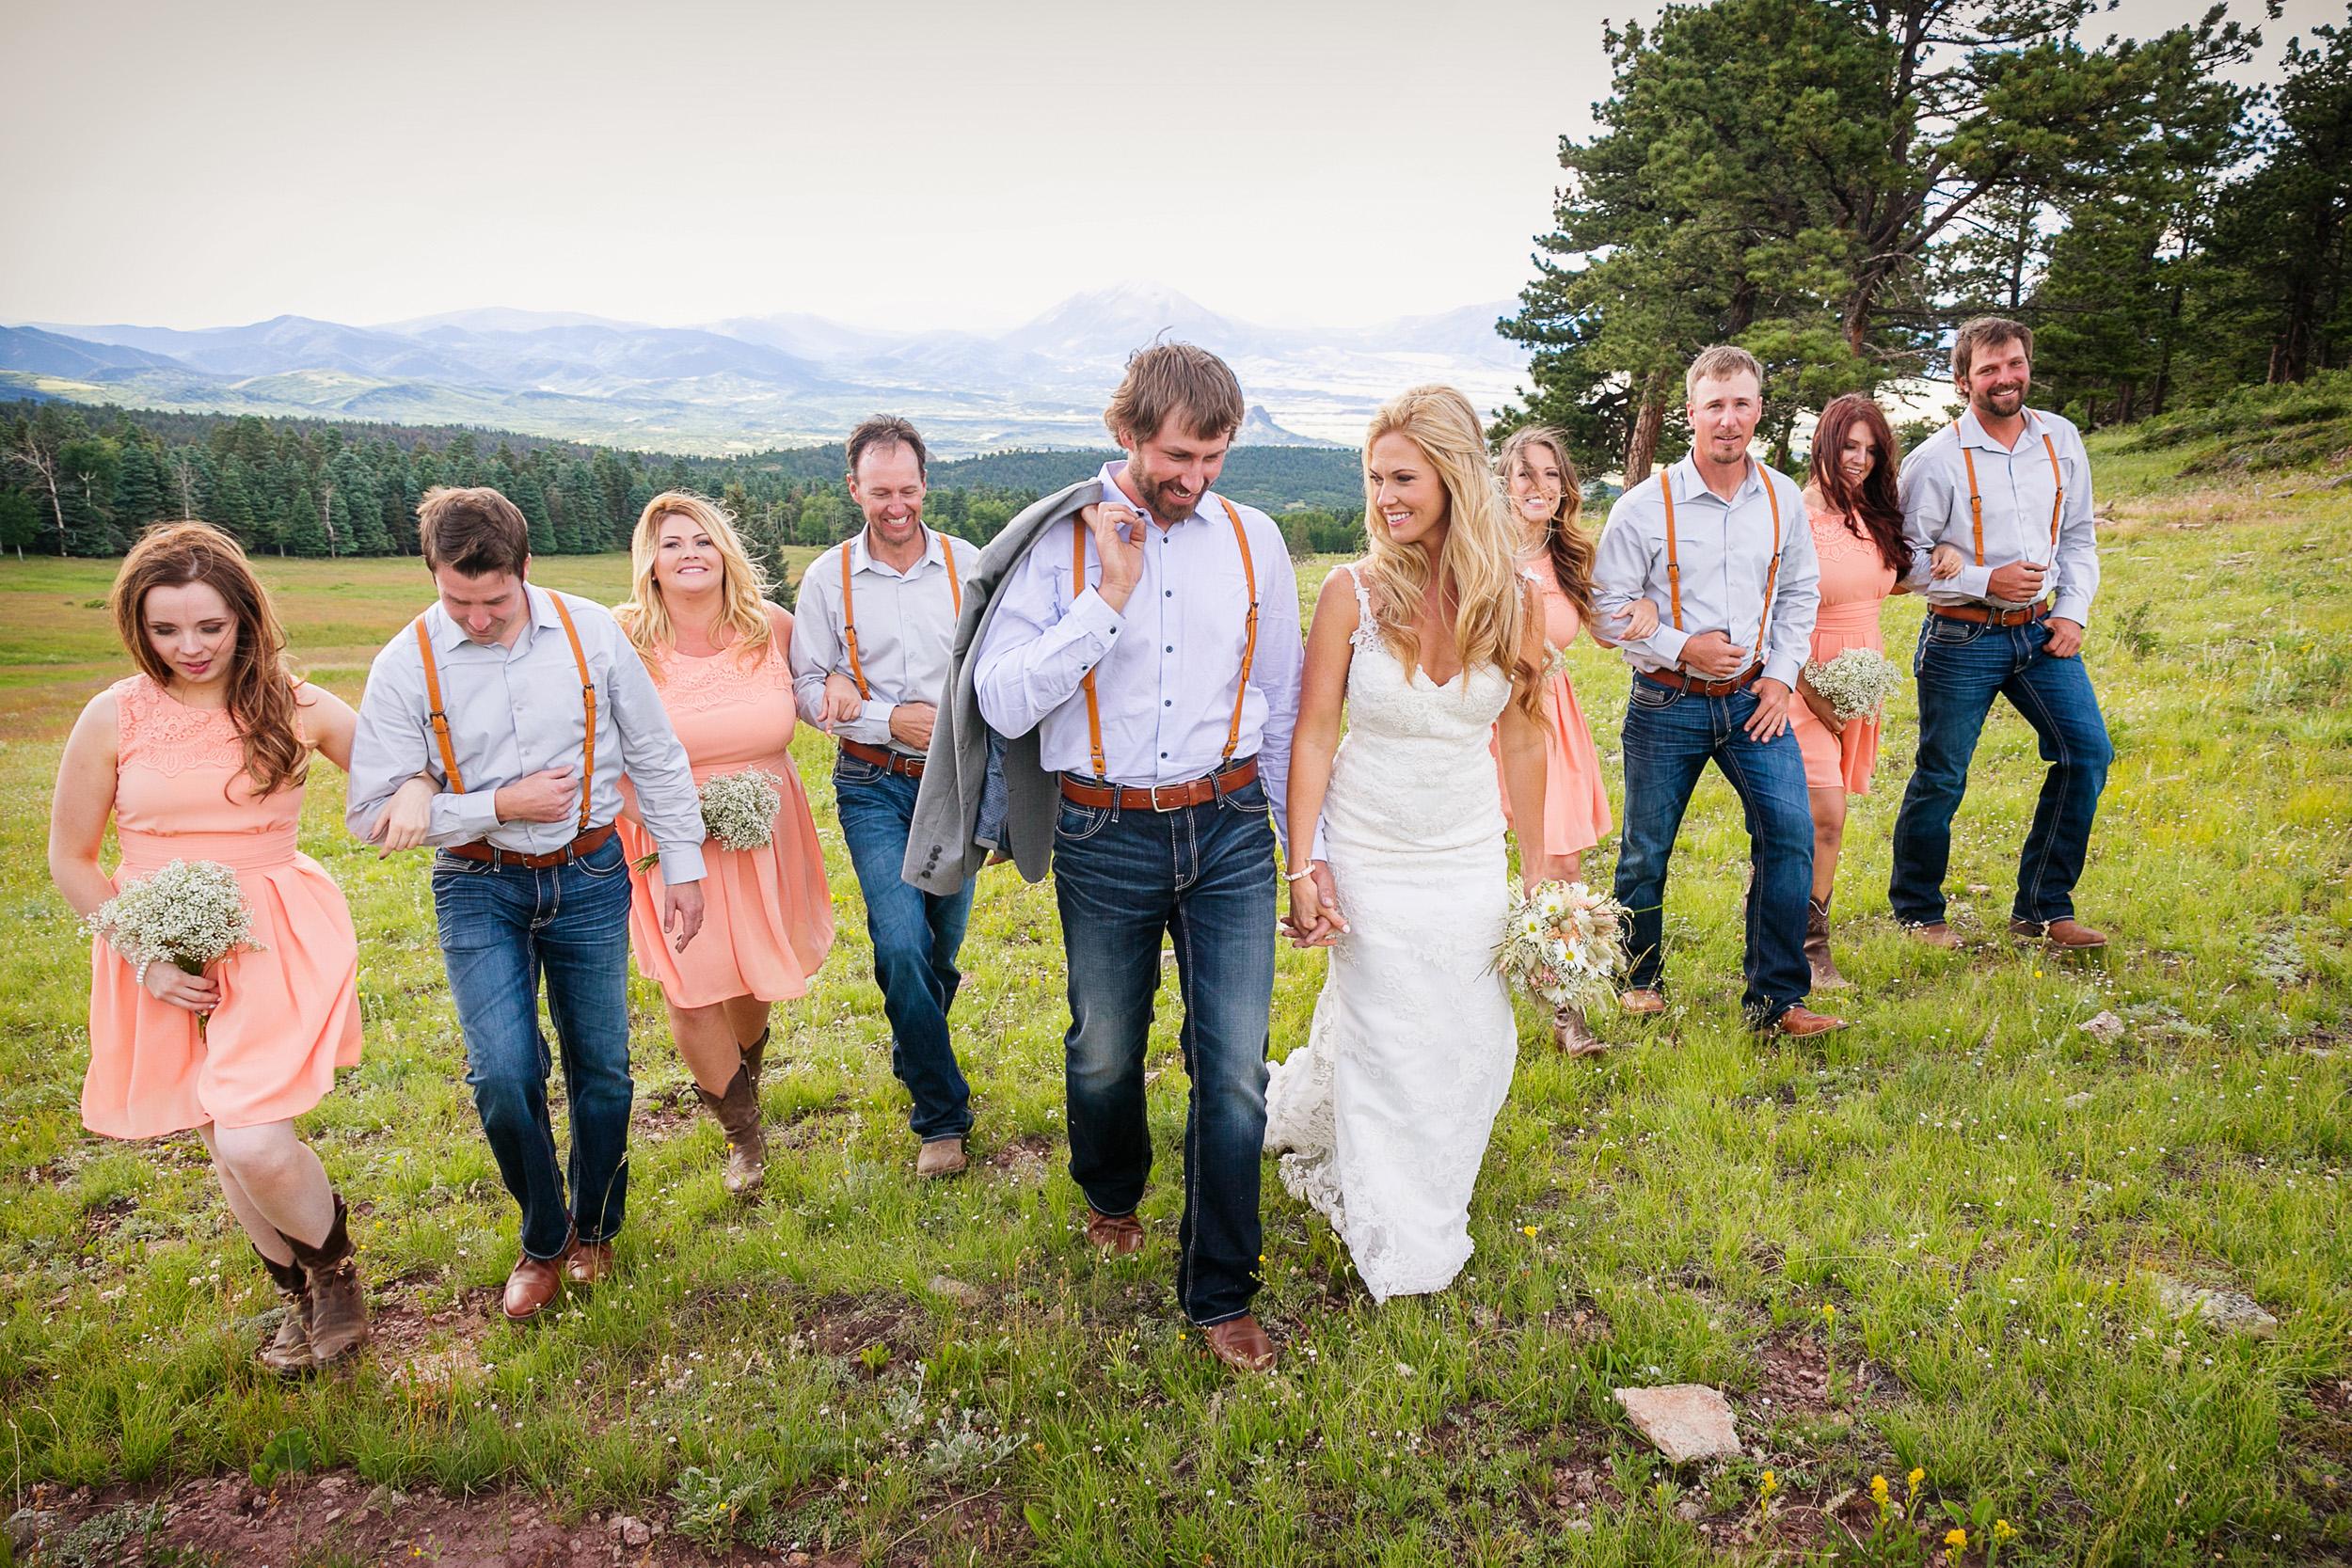 Colorado-Mountain-Ranch-Wedding-052.jpg